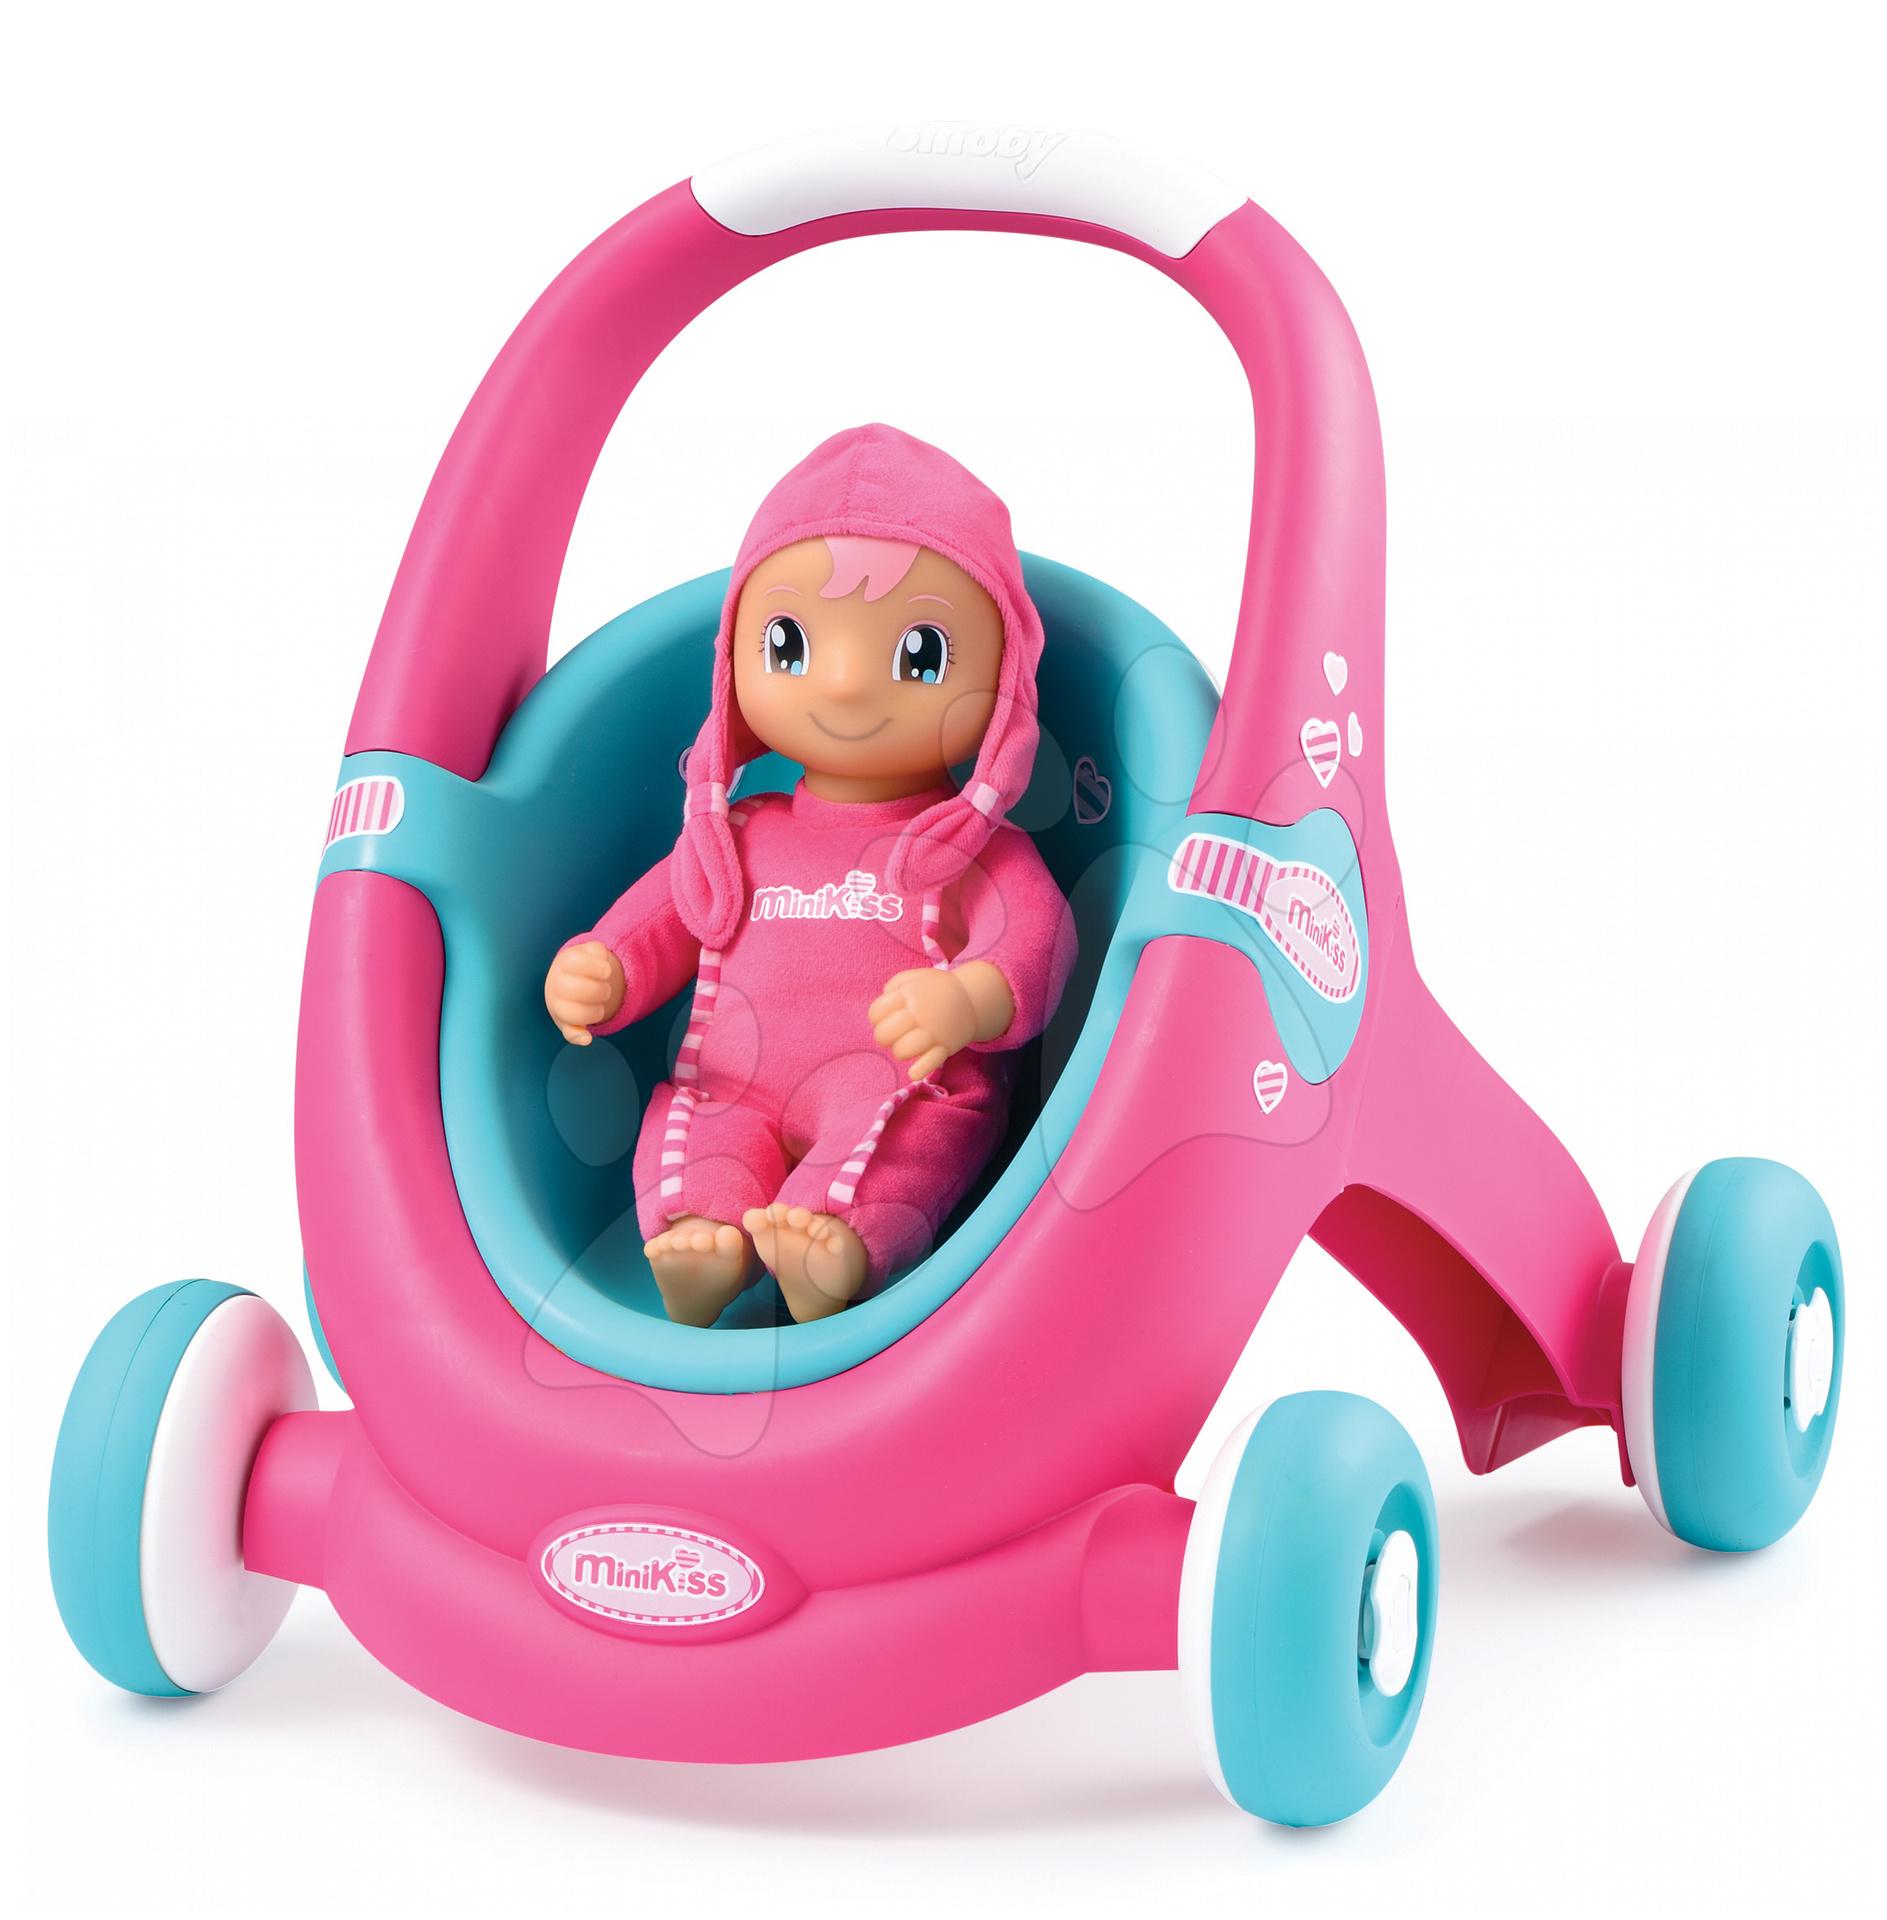 Kočárek pro panenku a dětské chodítko 2v1 MiniKiss Smoby od 12 měsíců růžovo-tyrkysový